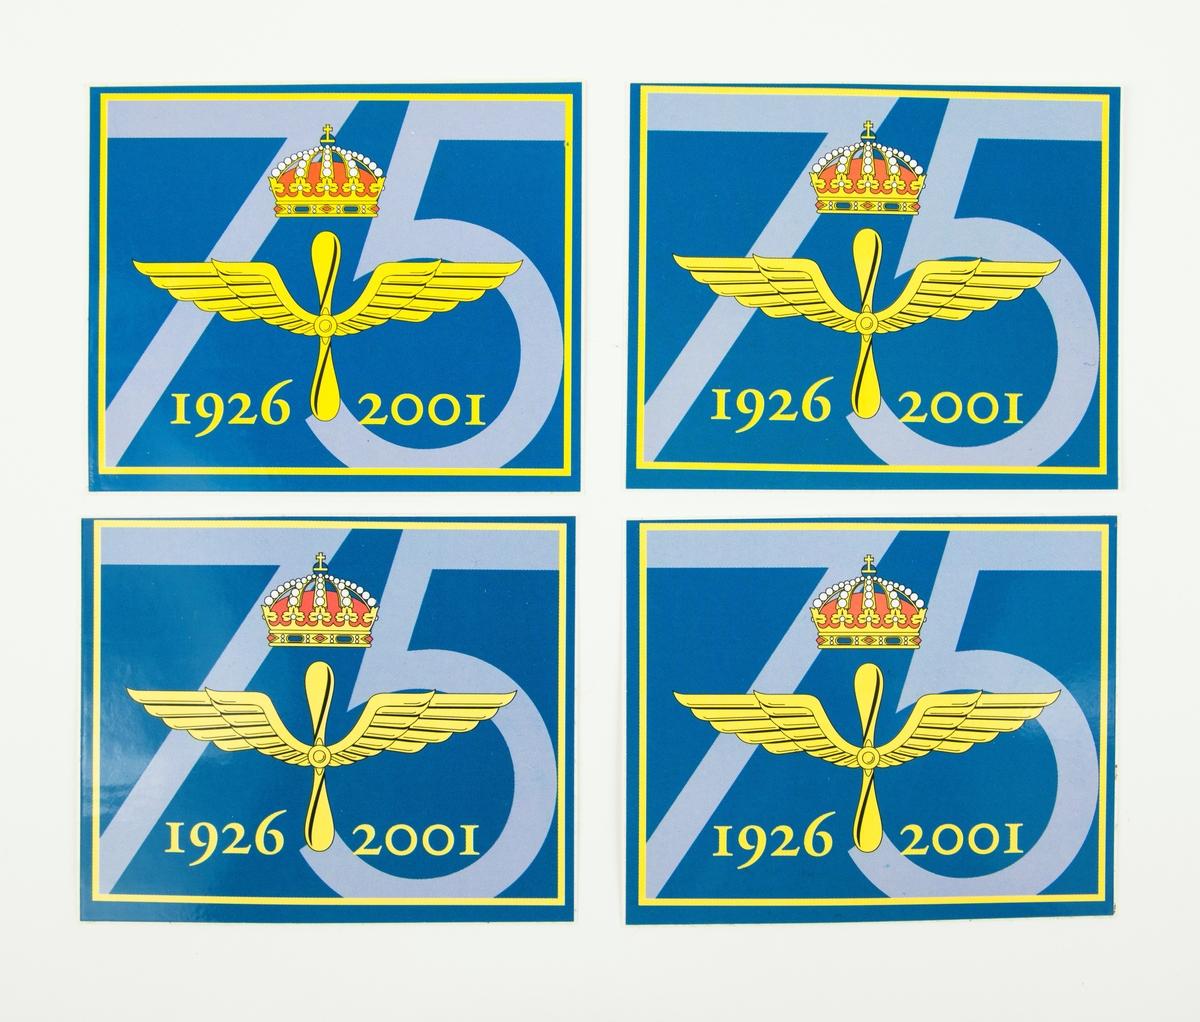 Dekal från flygvapnets 75-års jubileum. På dekalen flygvapnets emblem och årtalen 1926-2001, i bakgrunden 75.